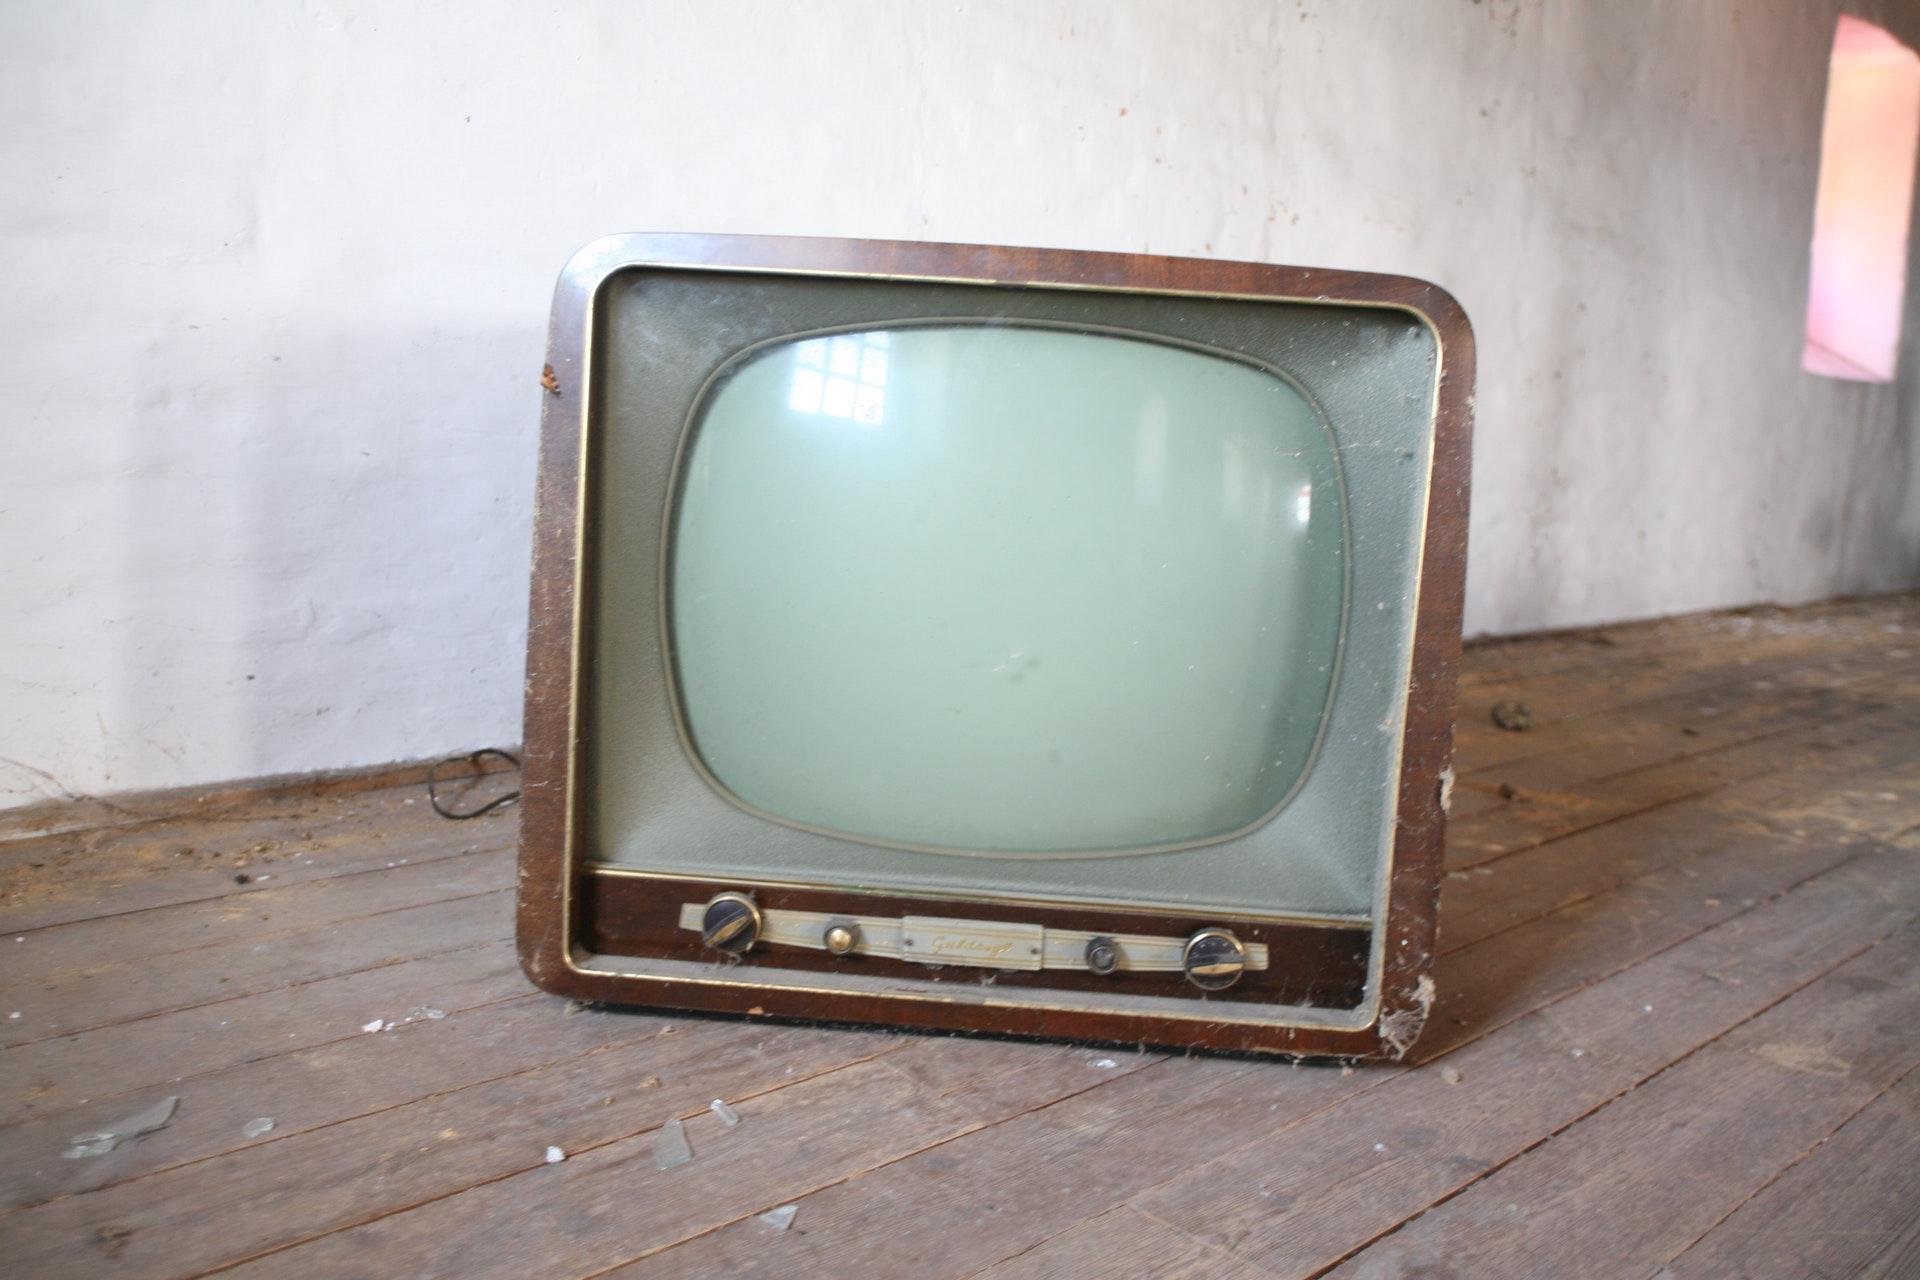 Come sarà la TV tra venti anni?